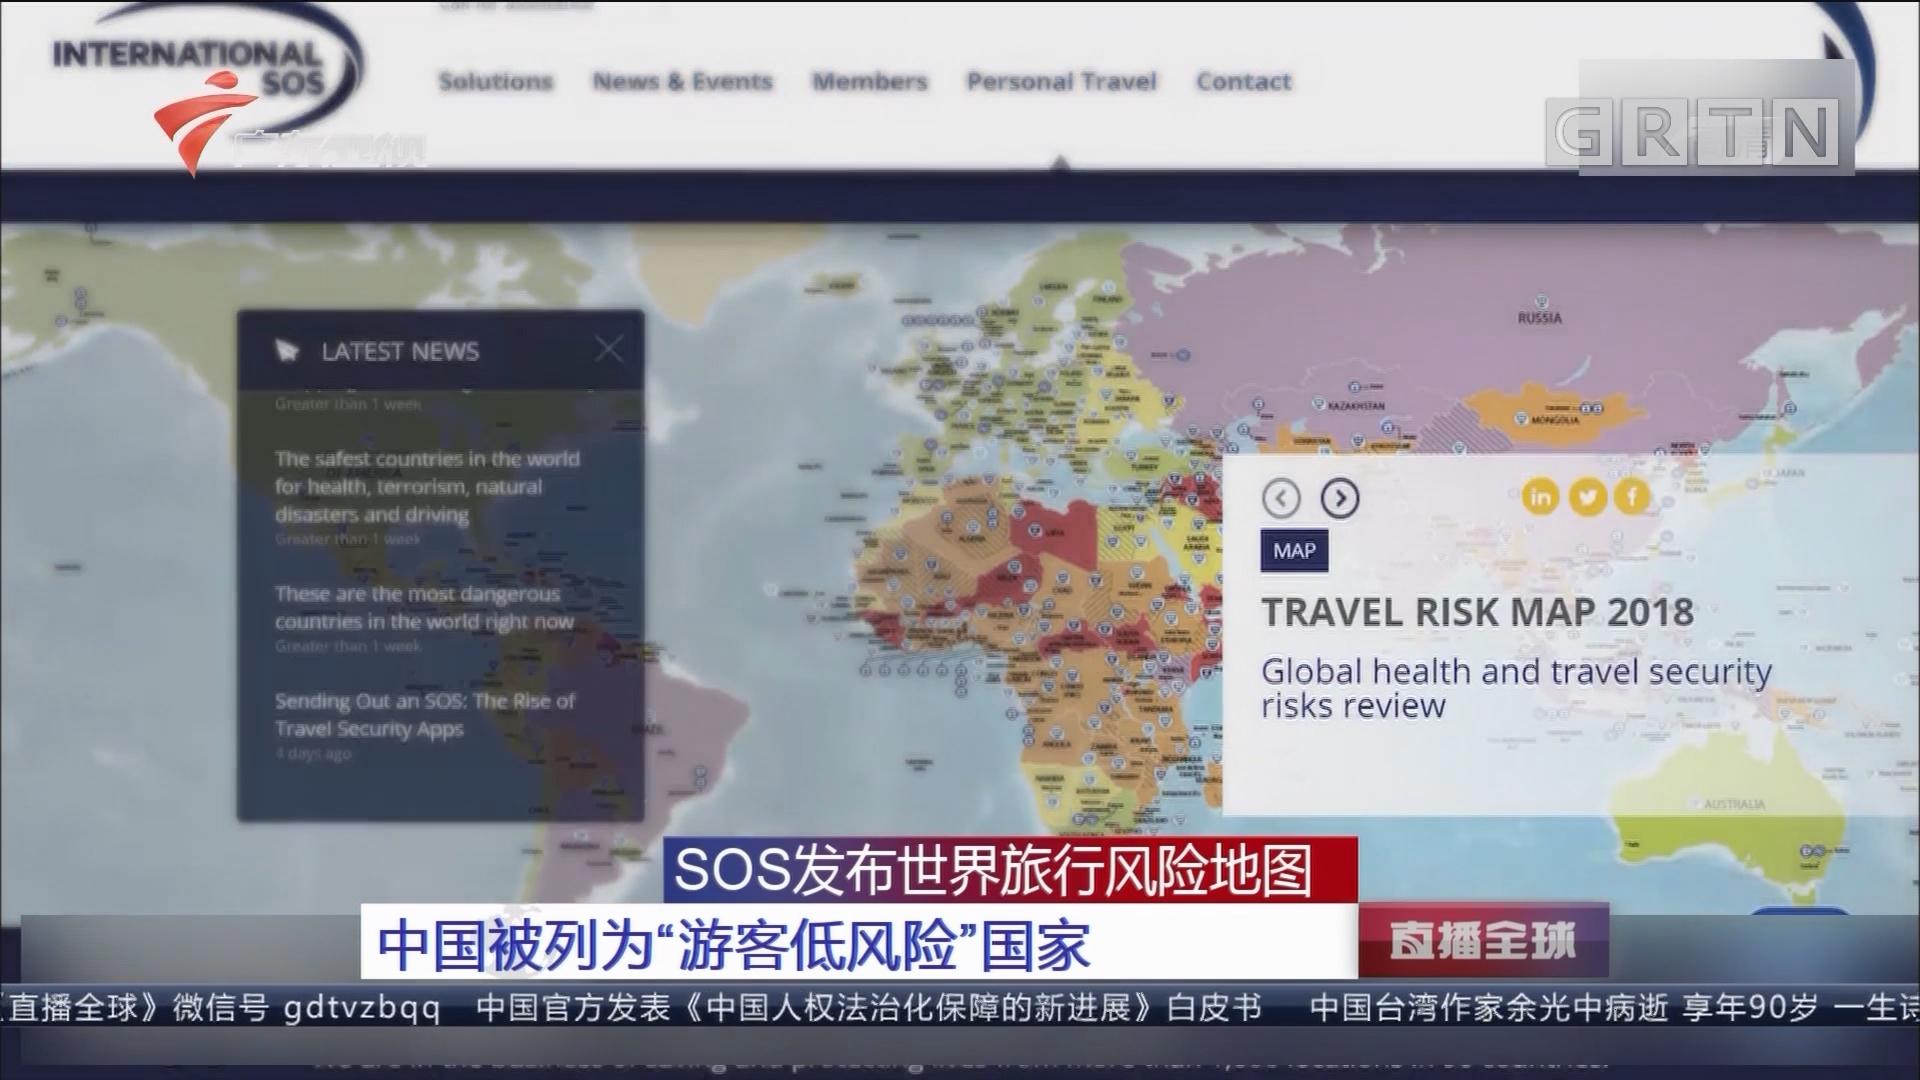 """SOS发布世界旅行风险地图:中国被列为""""游客低风险""""国家"""